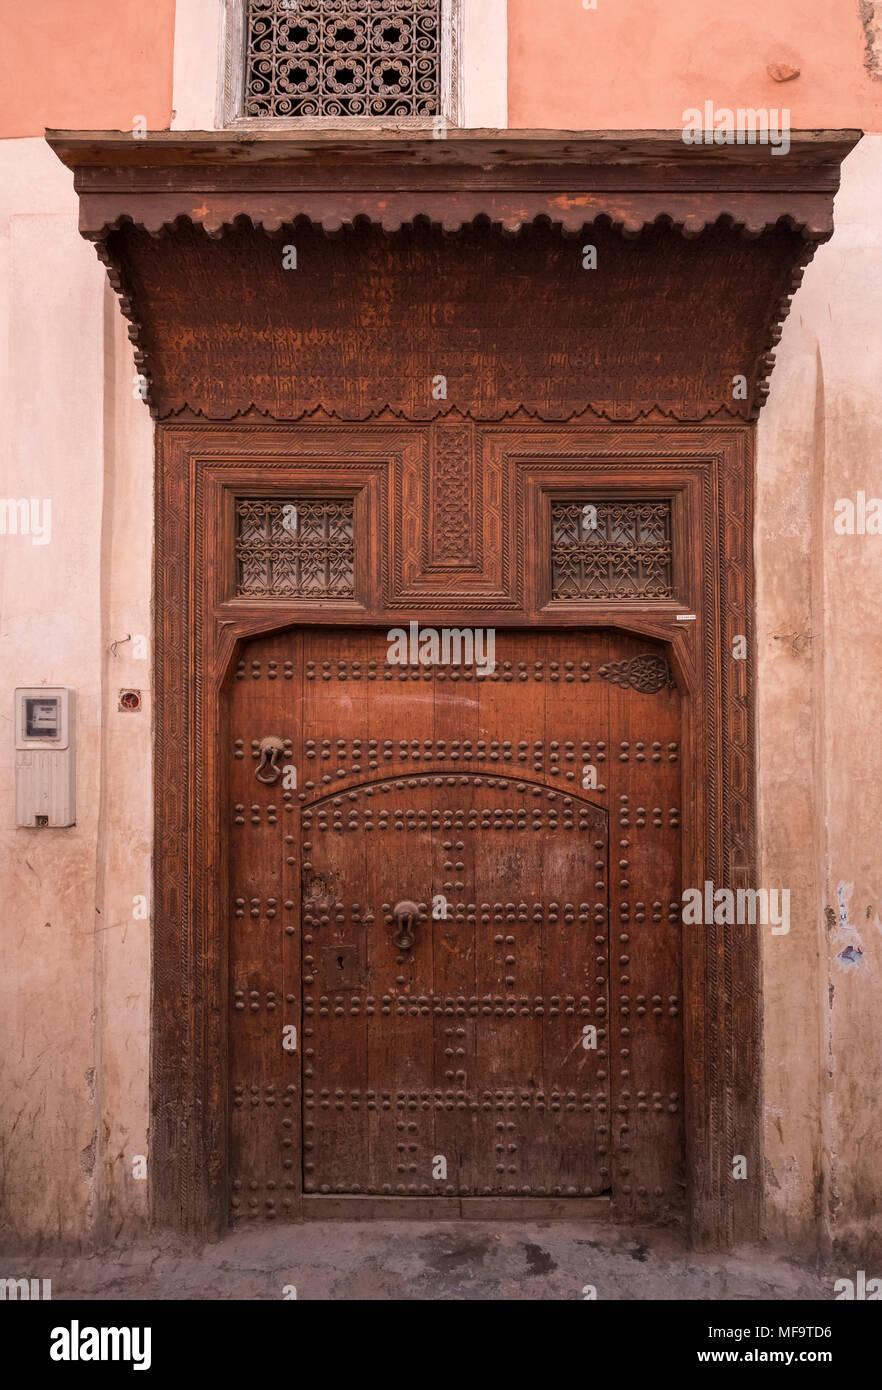 Riad typique de porte d'entrée dans les petites rues de Marrakech, Marrakech, Maroc Photo Stock